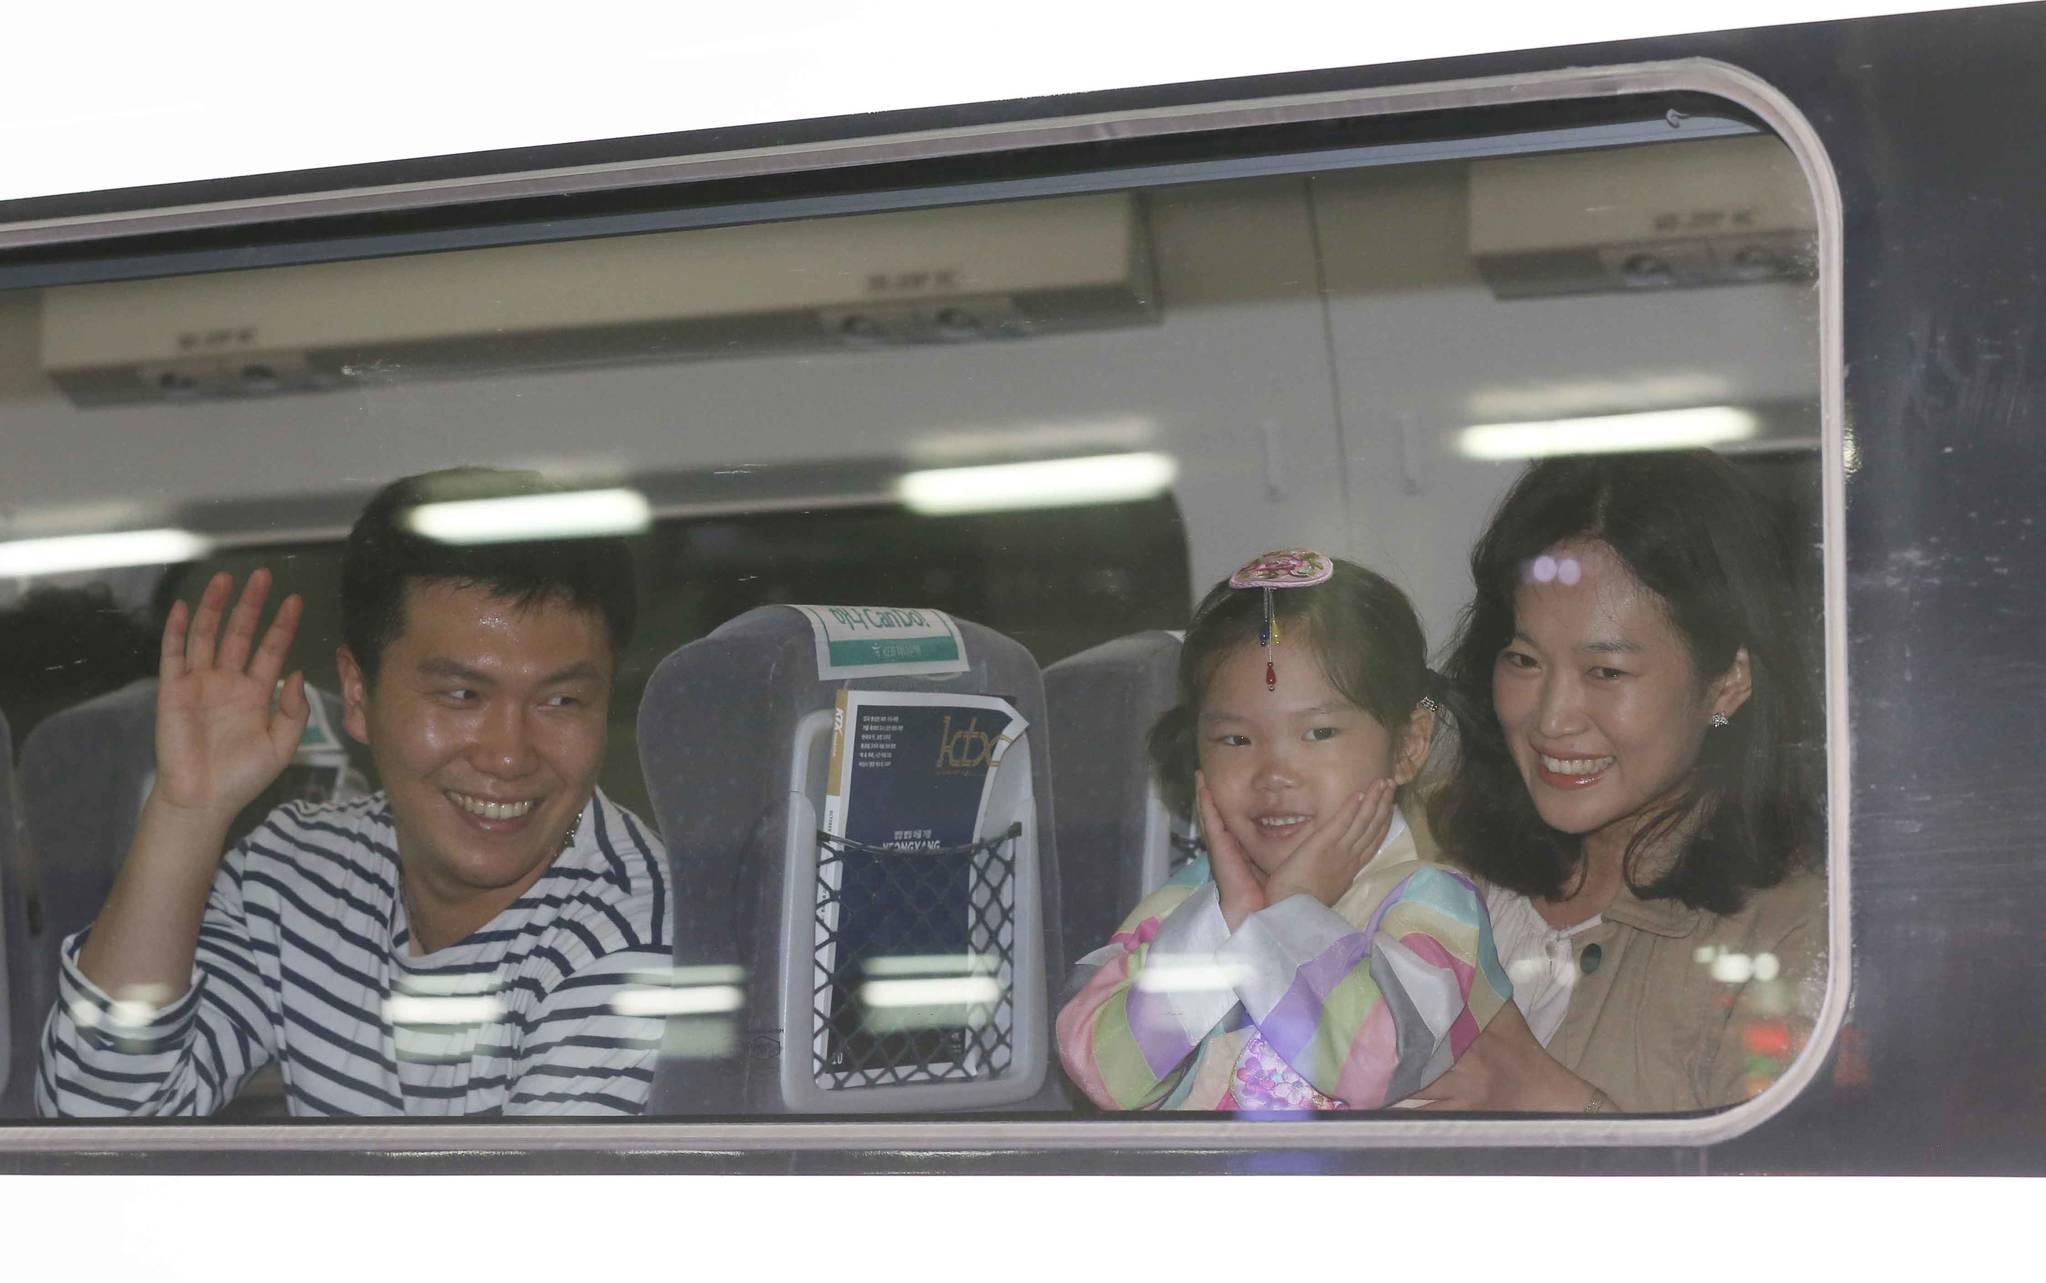 추석 황금연휴 이틀째인 1일 서울역에서 포항행 KTX에 오른 귀성 가족이 열차 출발을 기다리고 있다. 이번 추석 연휴 동안 고속도로는 전국에서 3700만여명이 이용할 것으로 예상되고 있다.김상선 기자